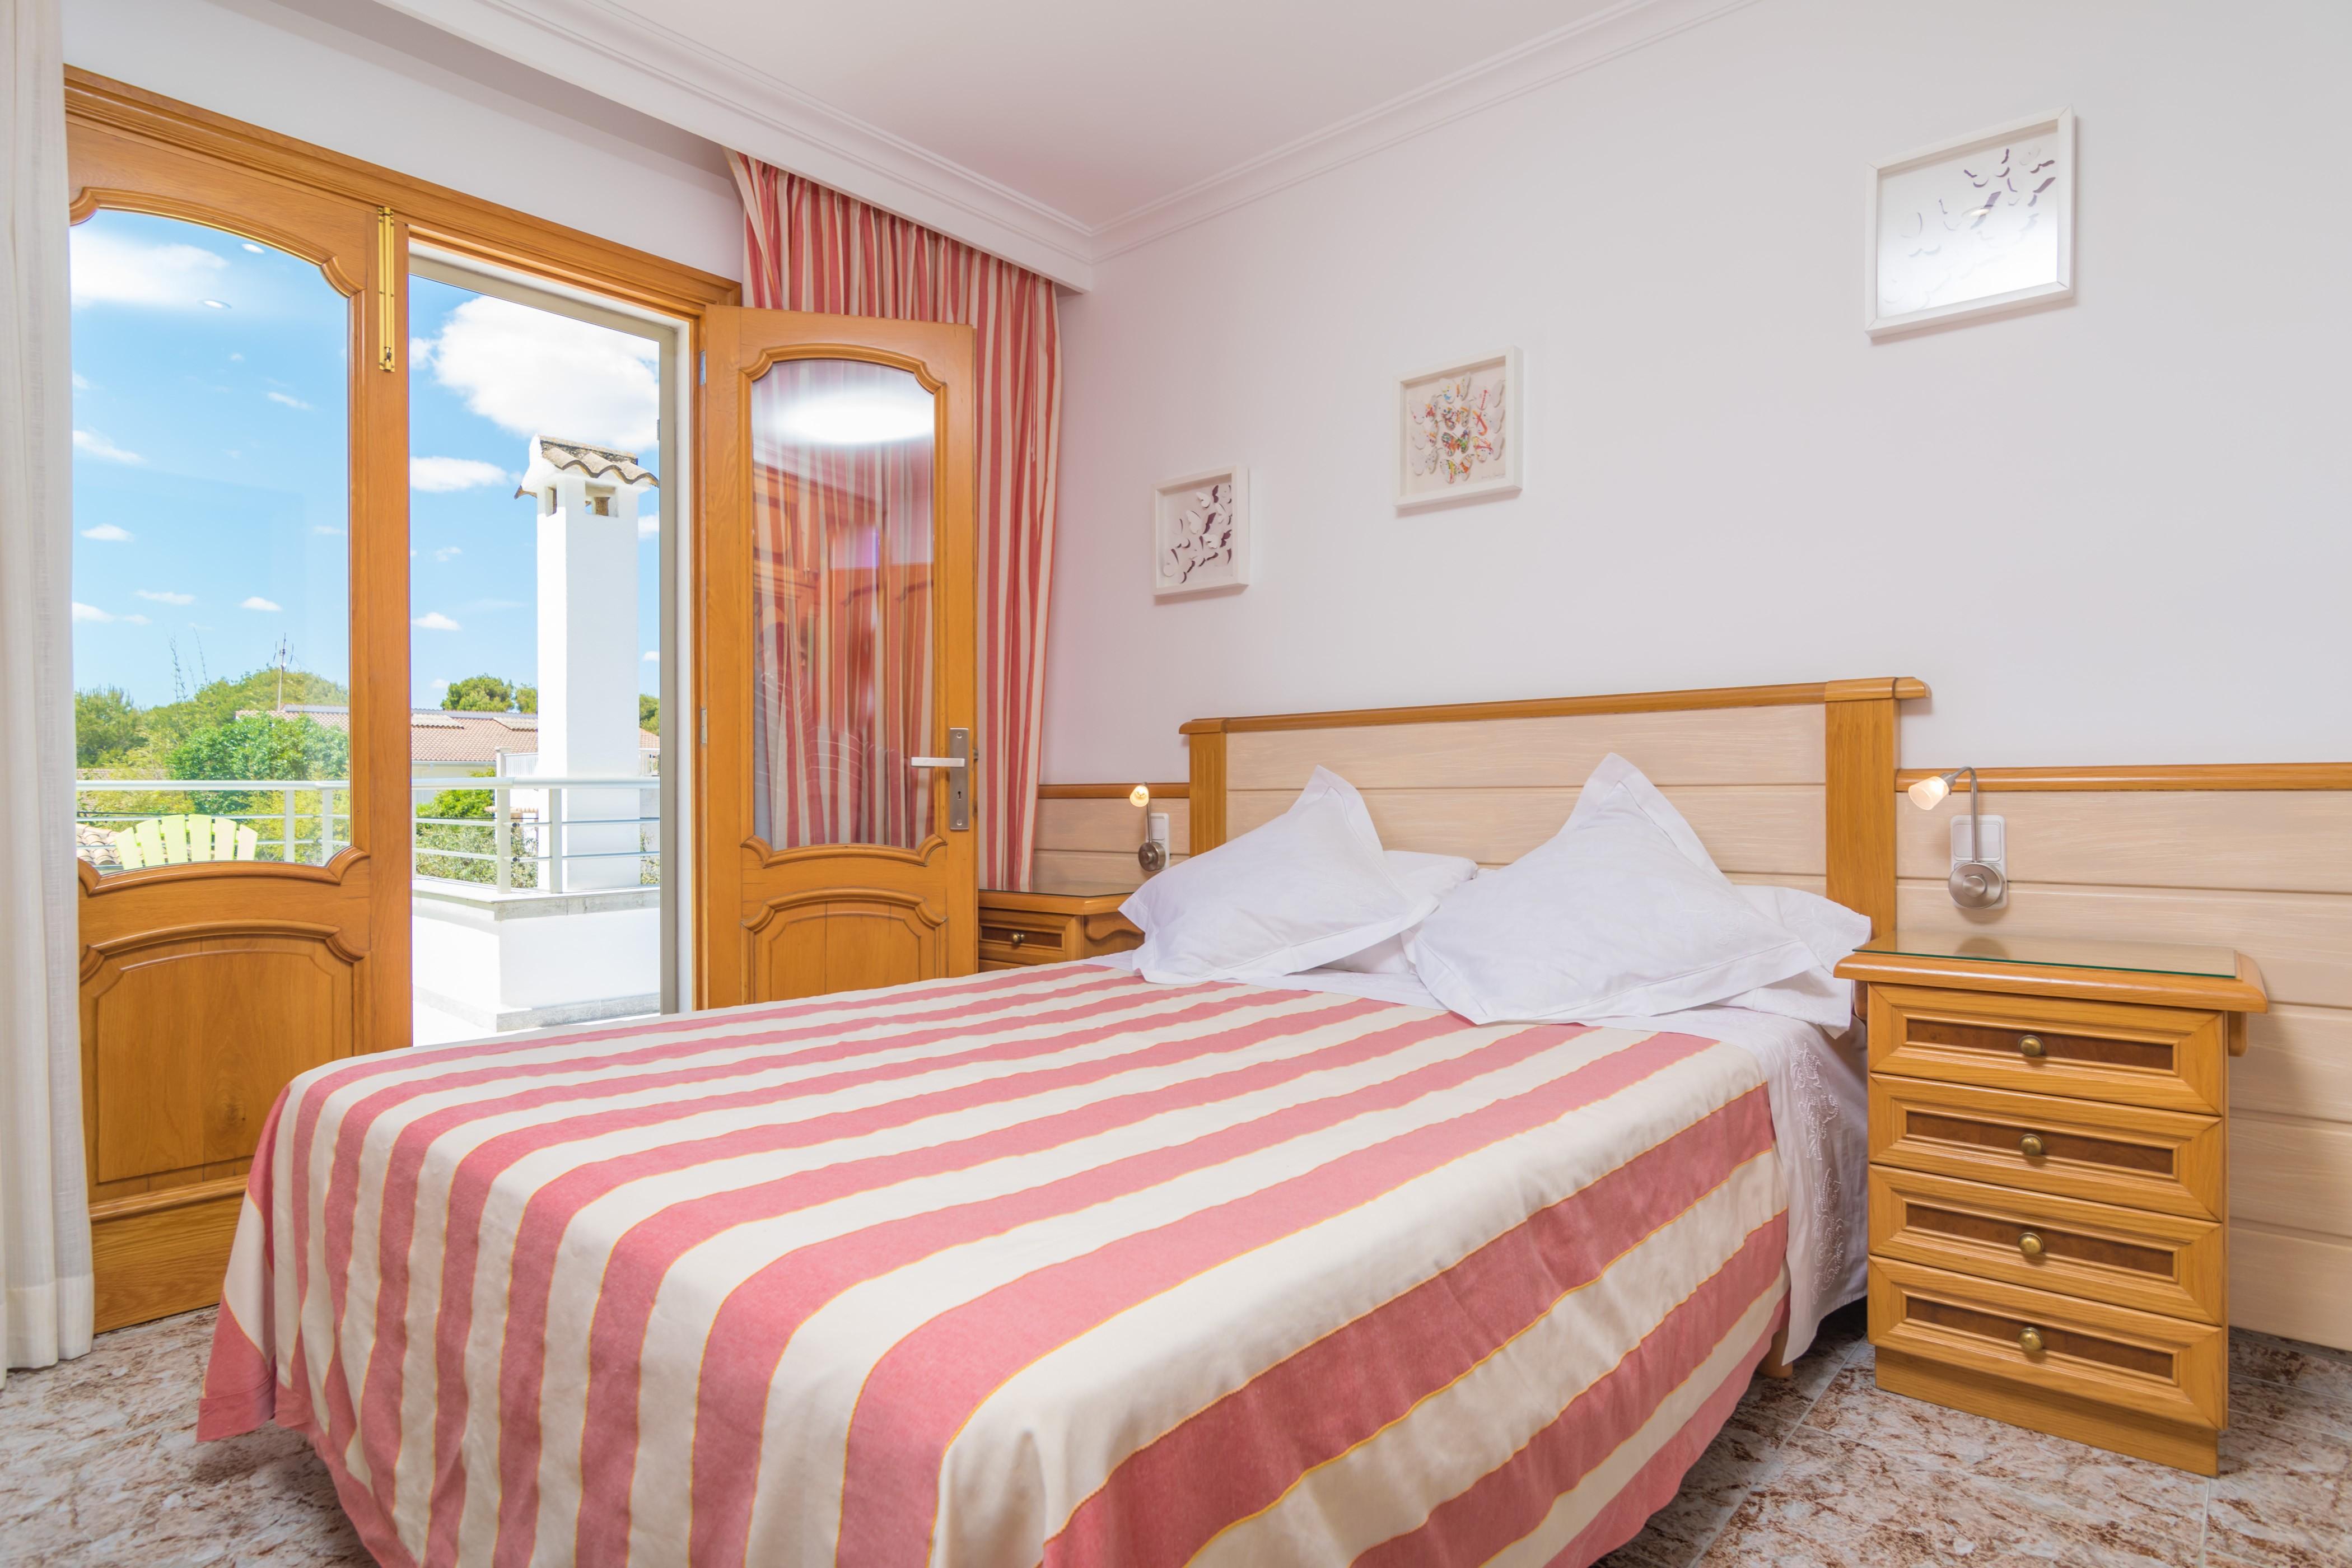 Ferienhaus VILLA ISABEL (1871702), Platja de Muro, Mallorca, Balearische Inseln, Spanien, Bild 29